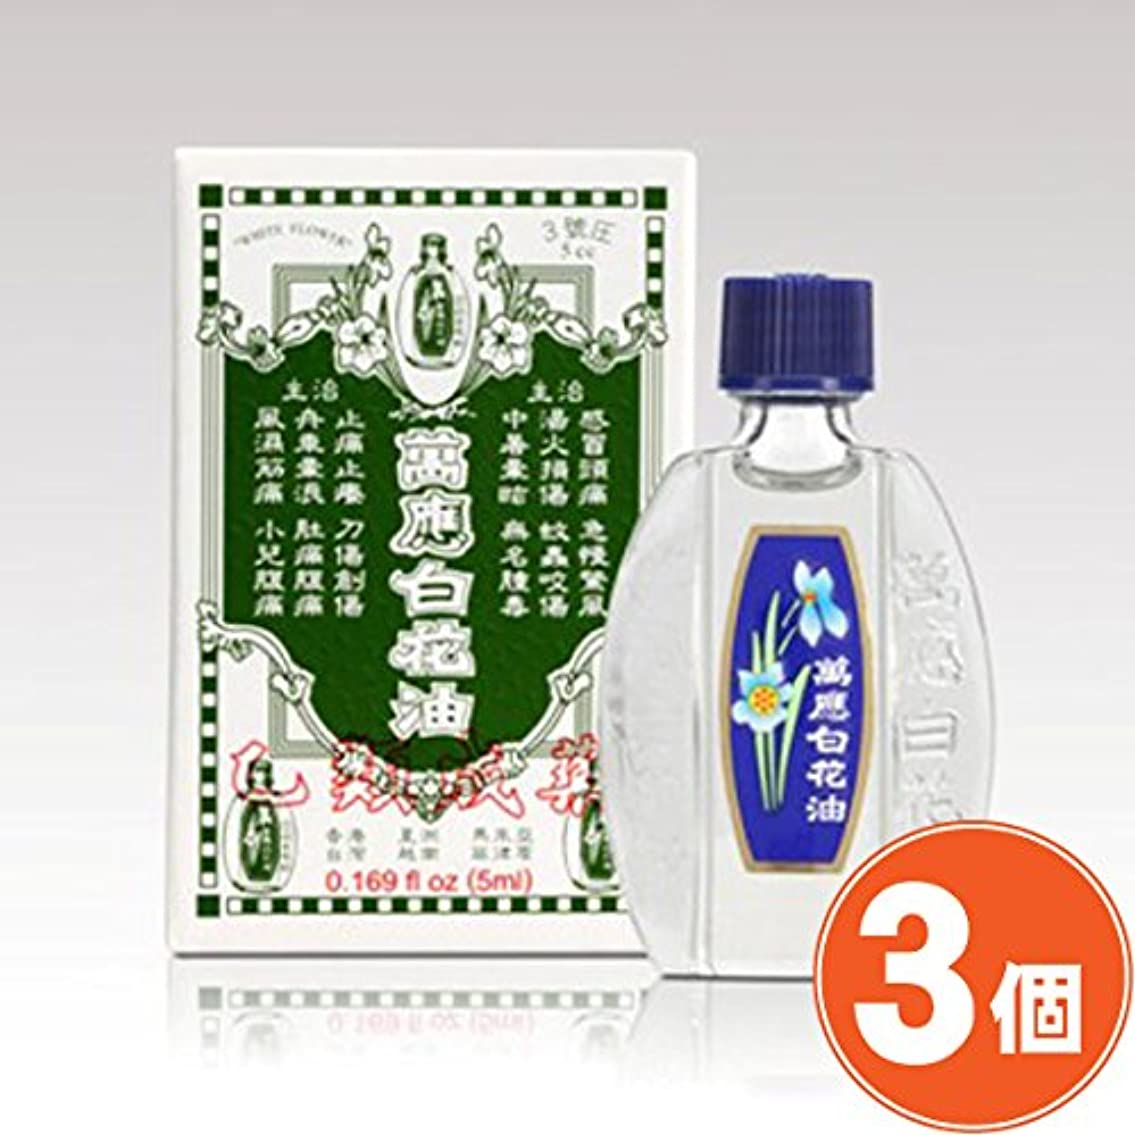 バズイディオム呼吸《萬應白花油》 台湾の万能アロマオイル 万能白花油 5ml × 3個 《台湾 お土産》 [並行輸入品]